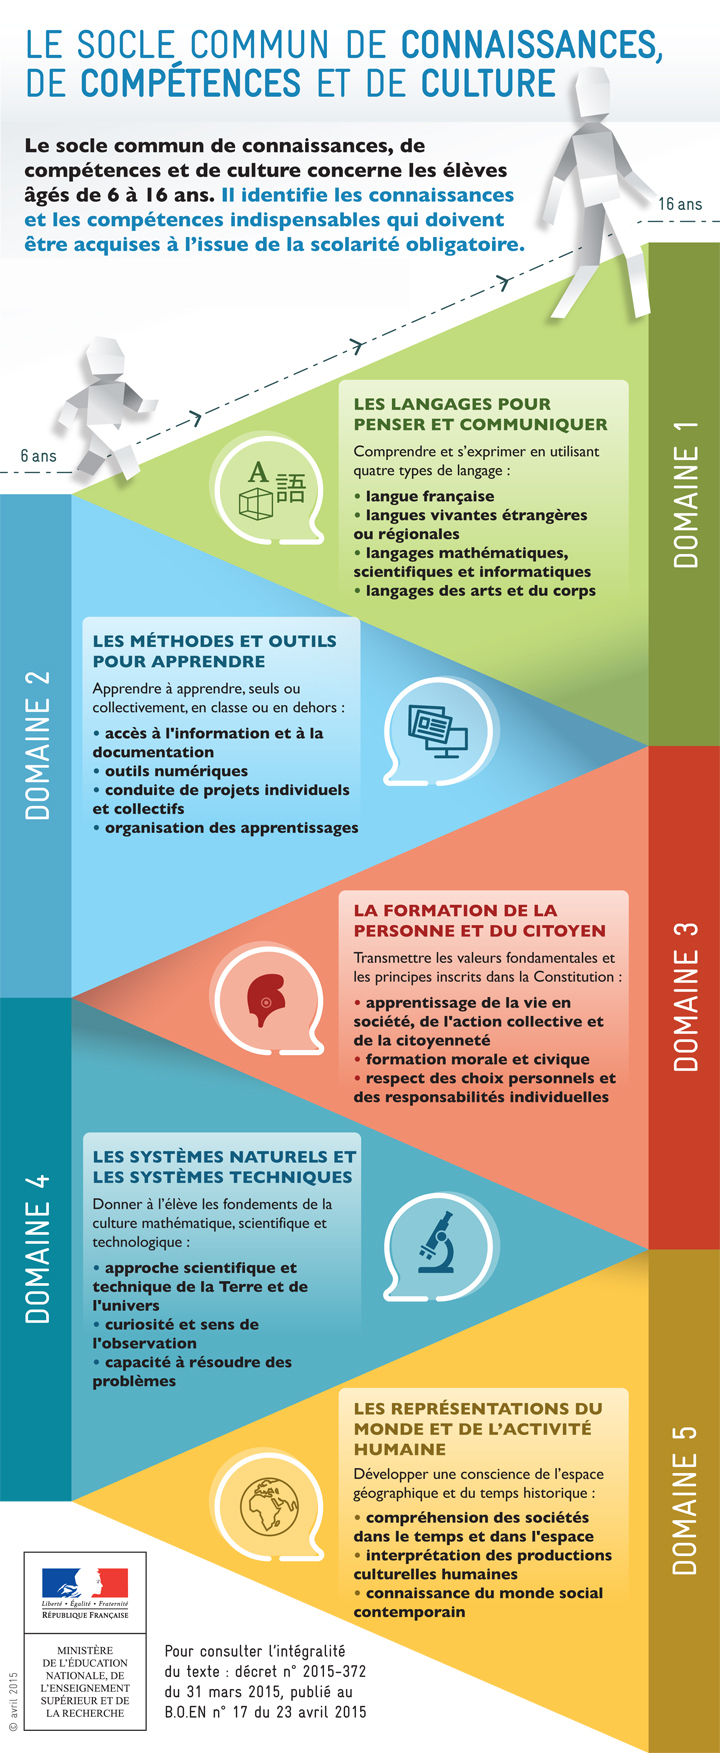 Maîtrise de l'ensemble des exigences du Socle commun de connaissances, de compétences et de culture défini par l'État